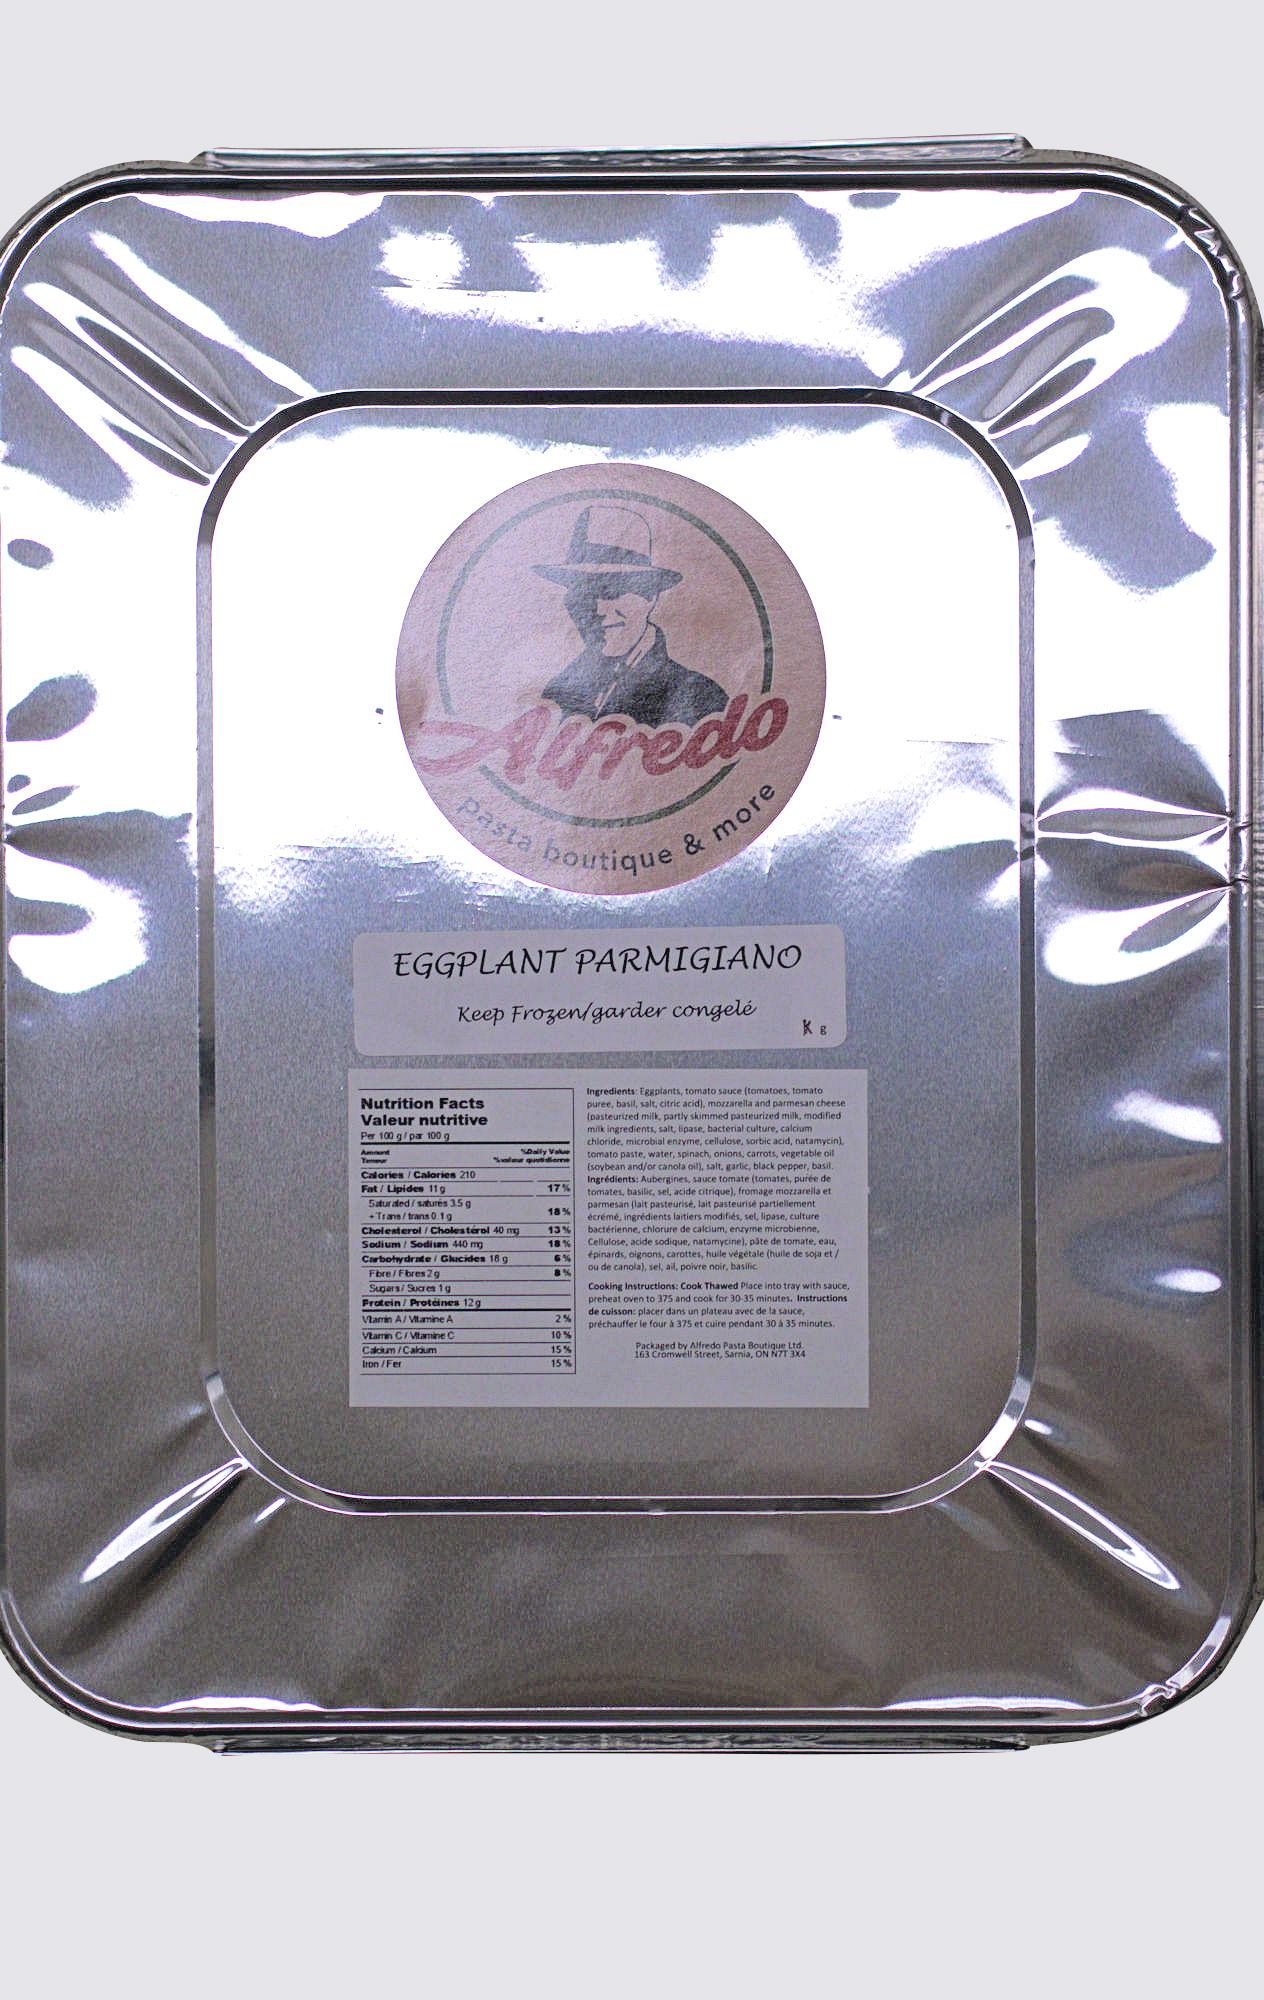 Eggplant Parmigiano - tray